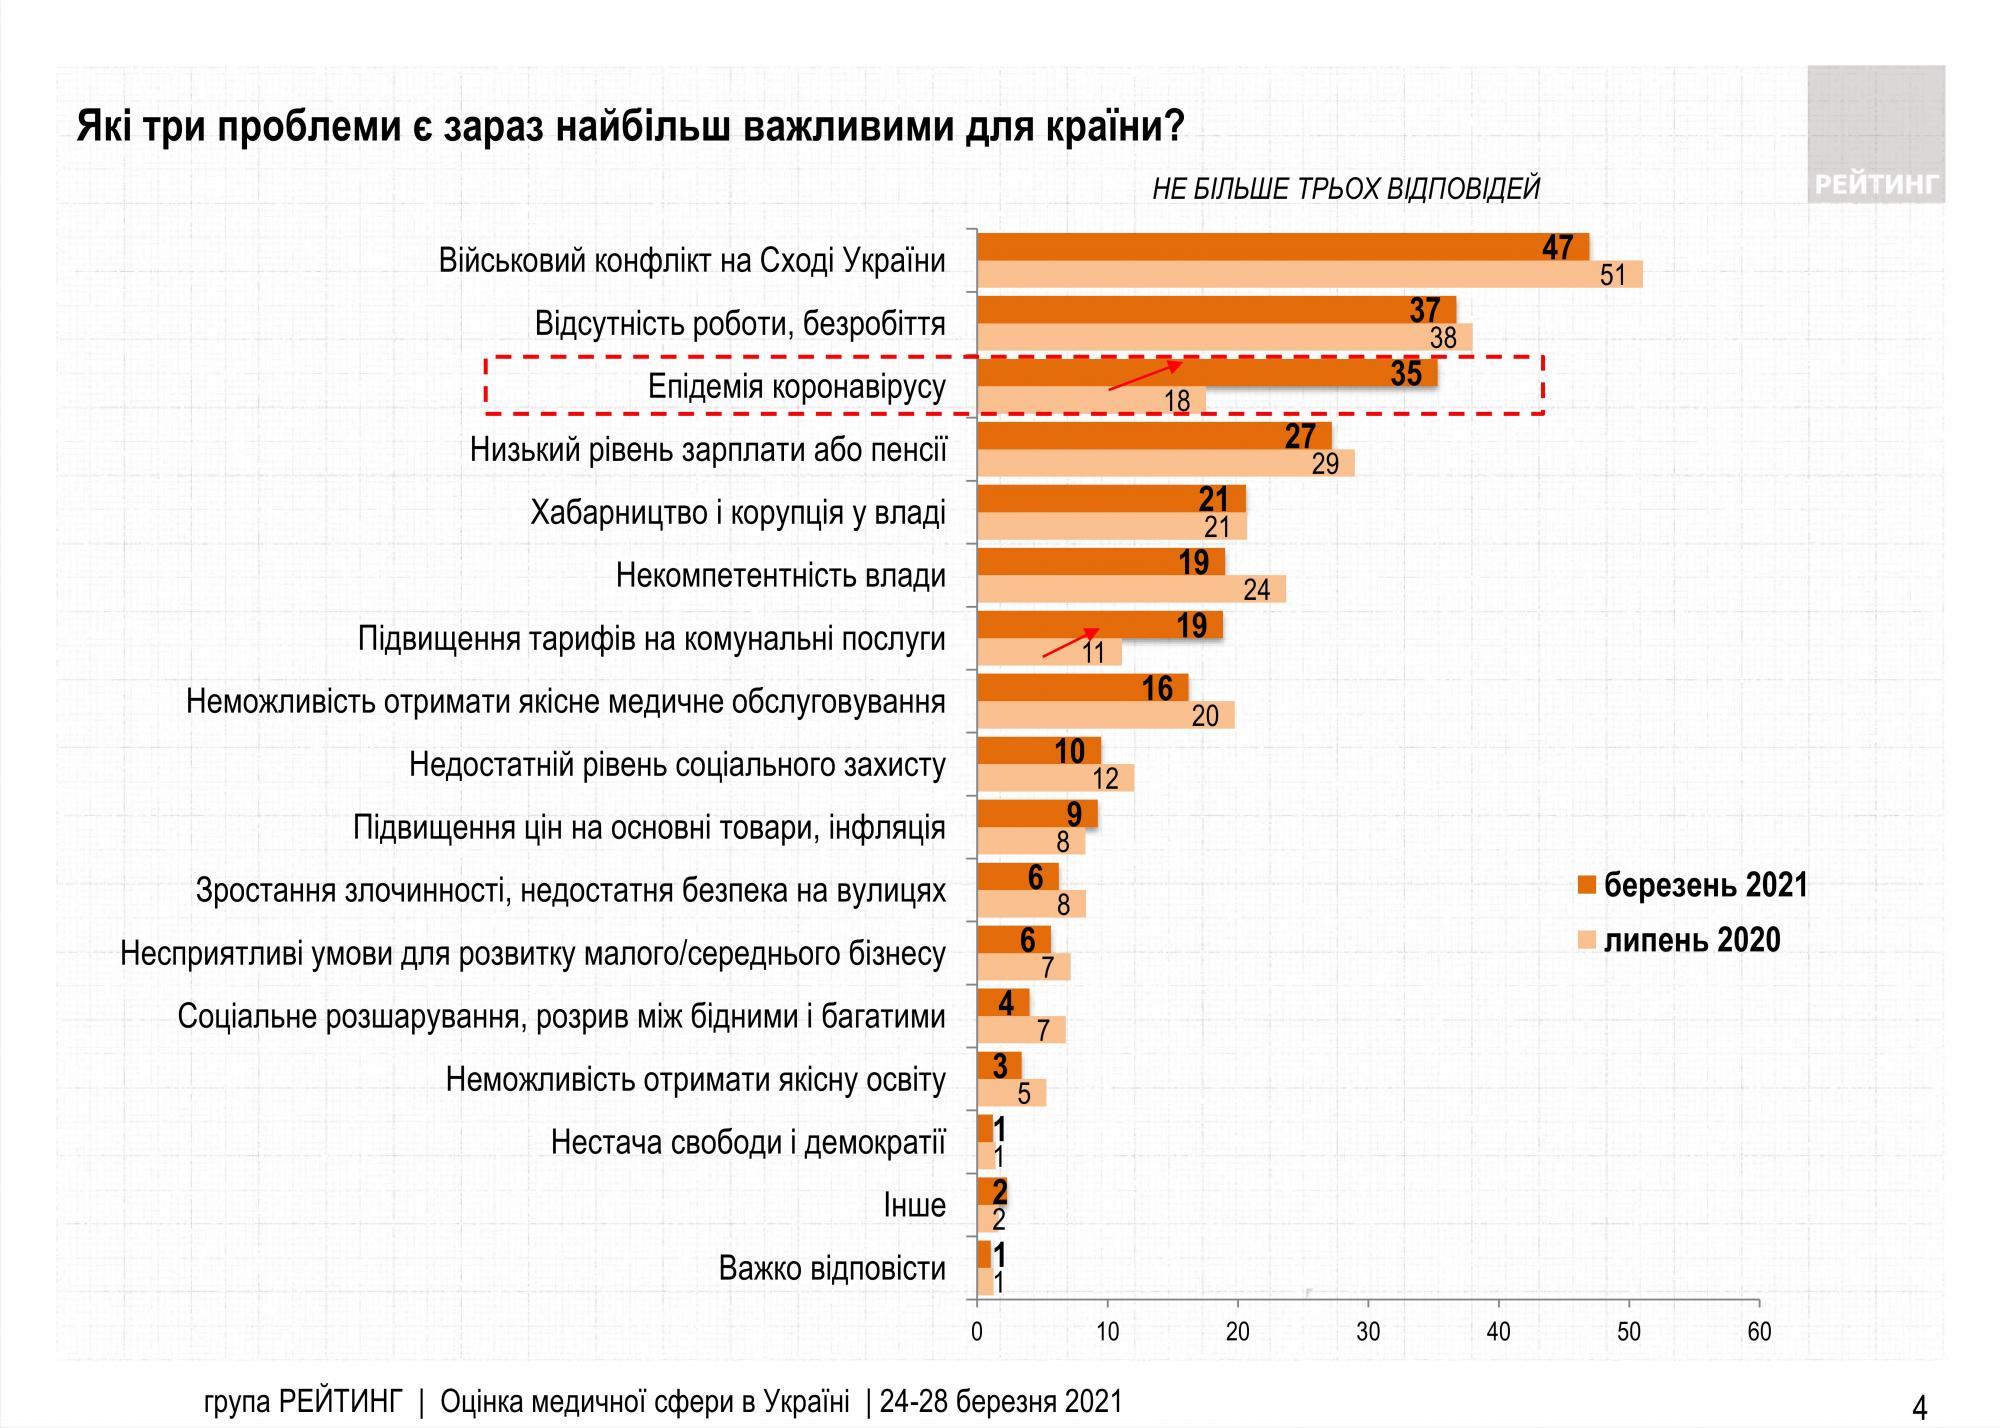 Коронавірус увійшов до трійки головних проблем українців, але далеко не на першому місці